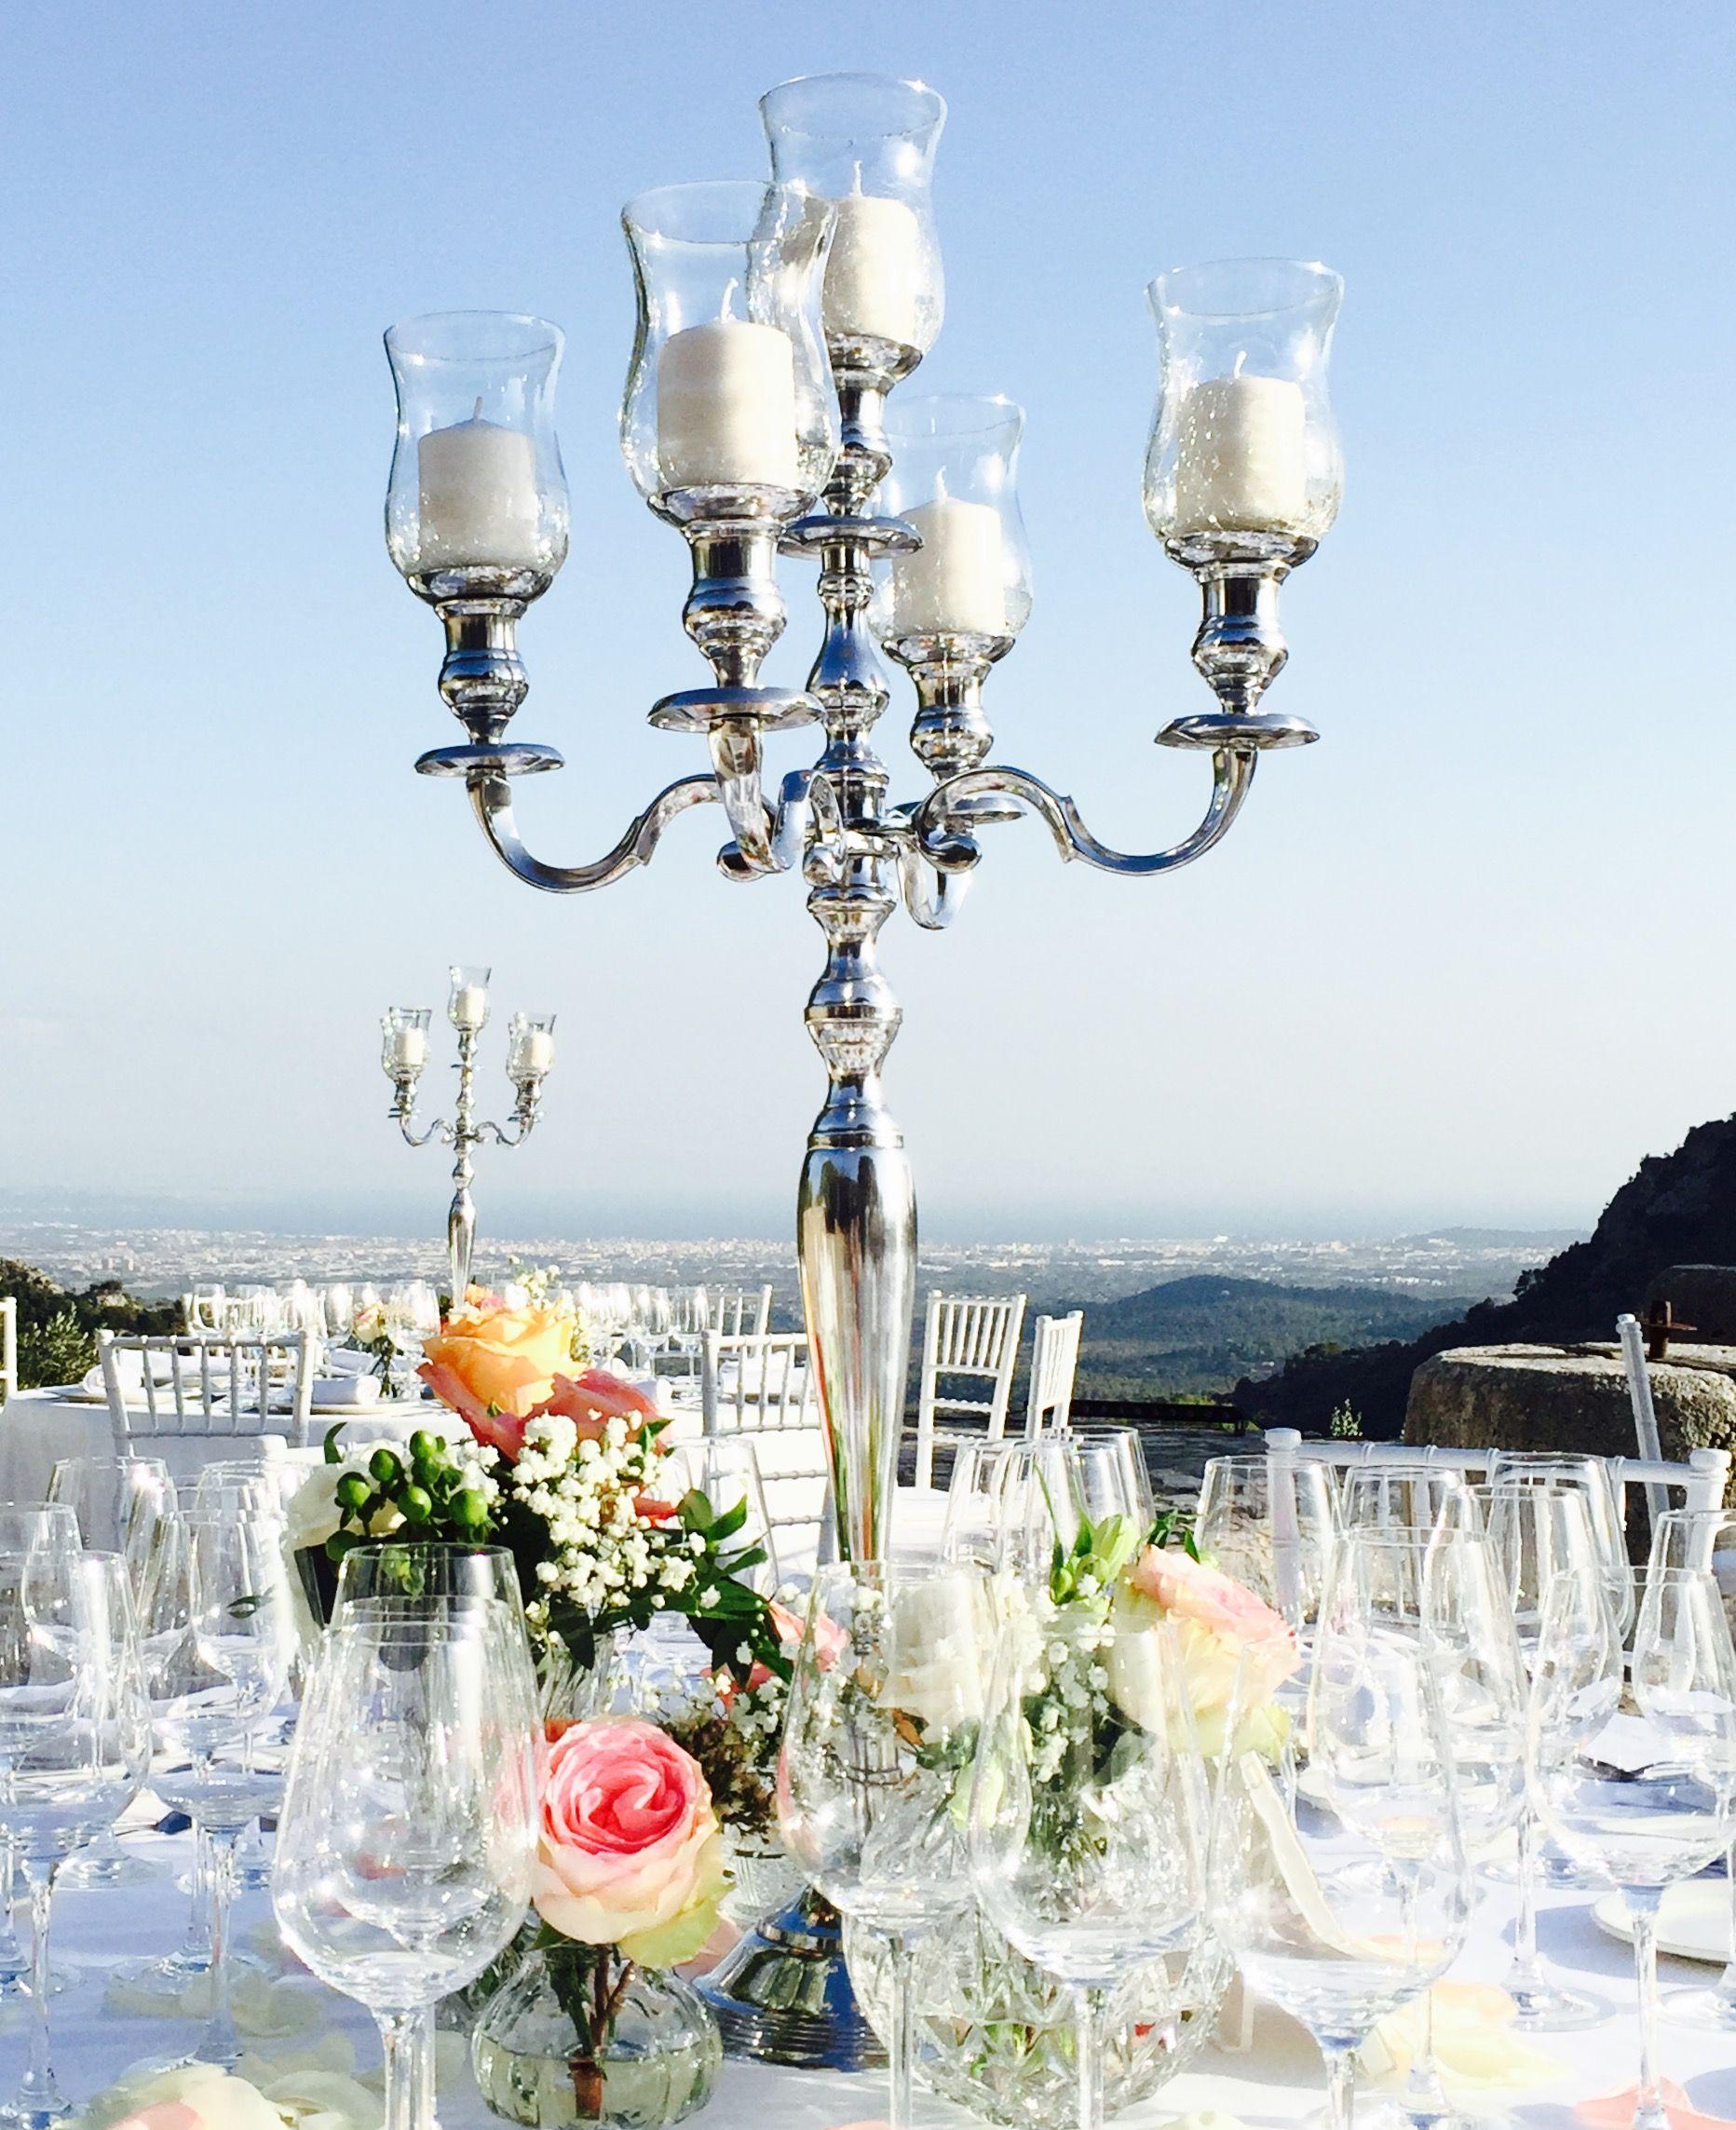 Hoher Kerzenleuchter Mit Glaseinsatzen Und Dicken Stumpenkerzen